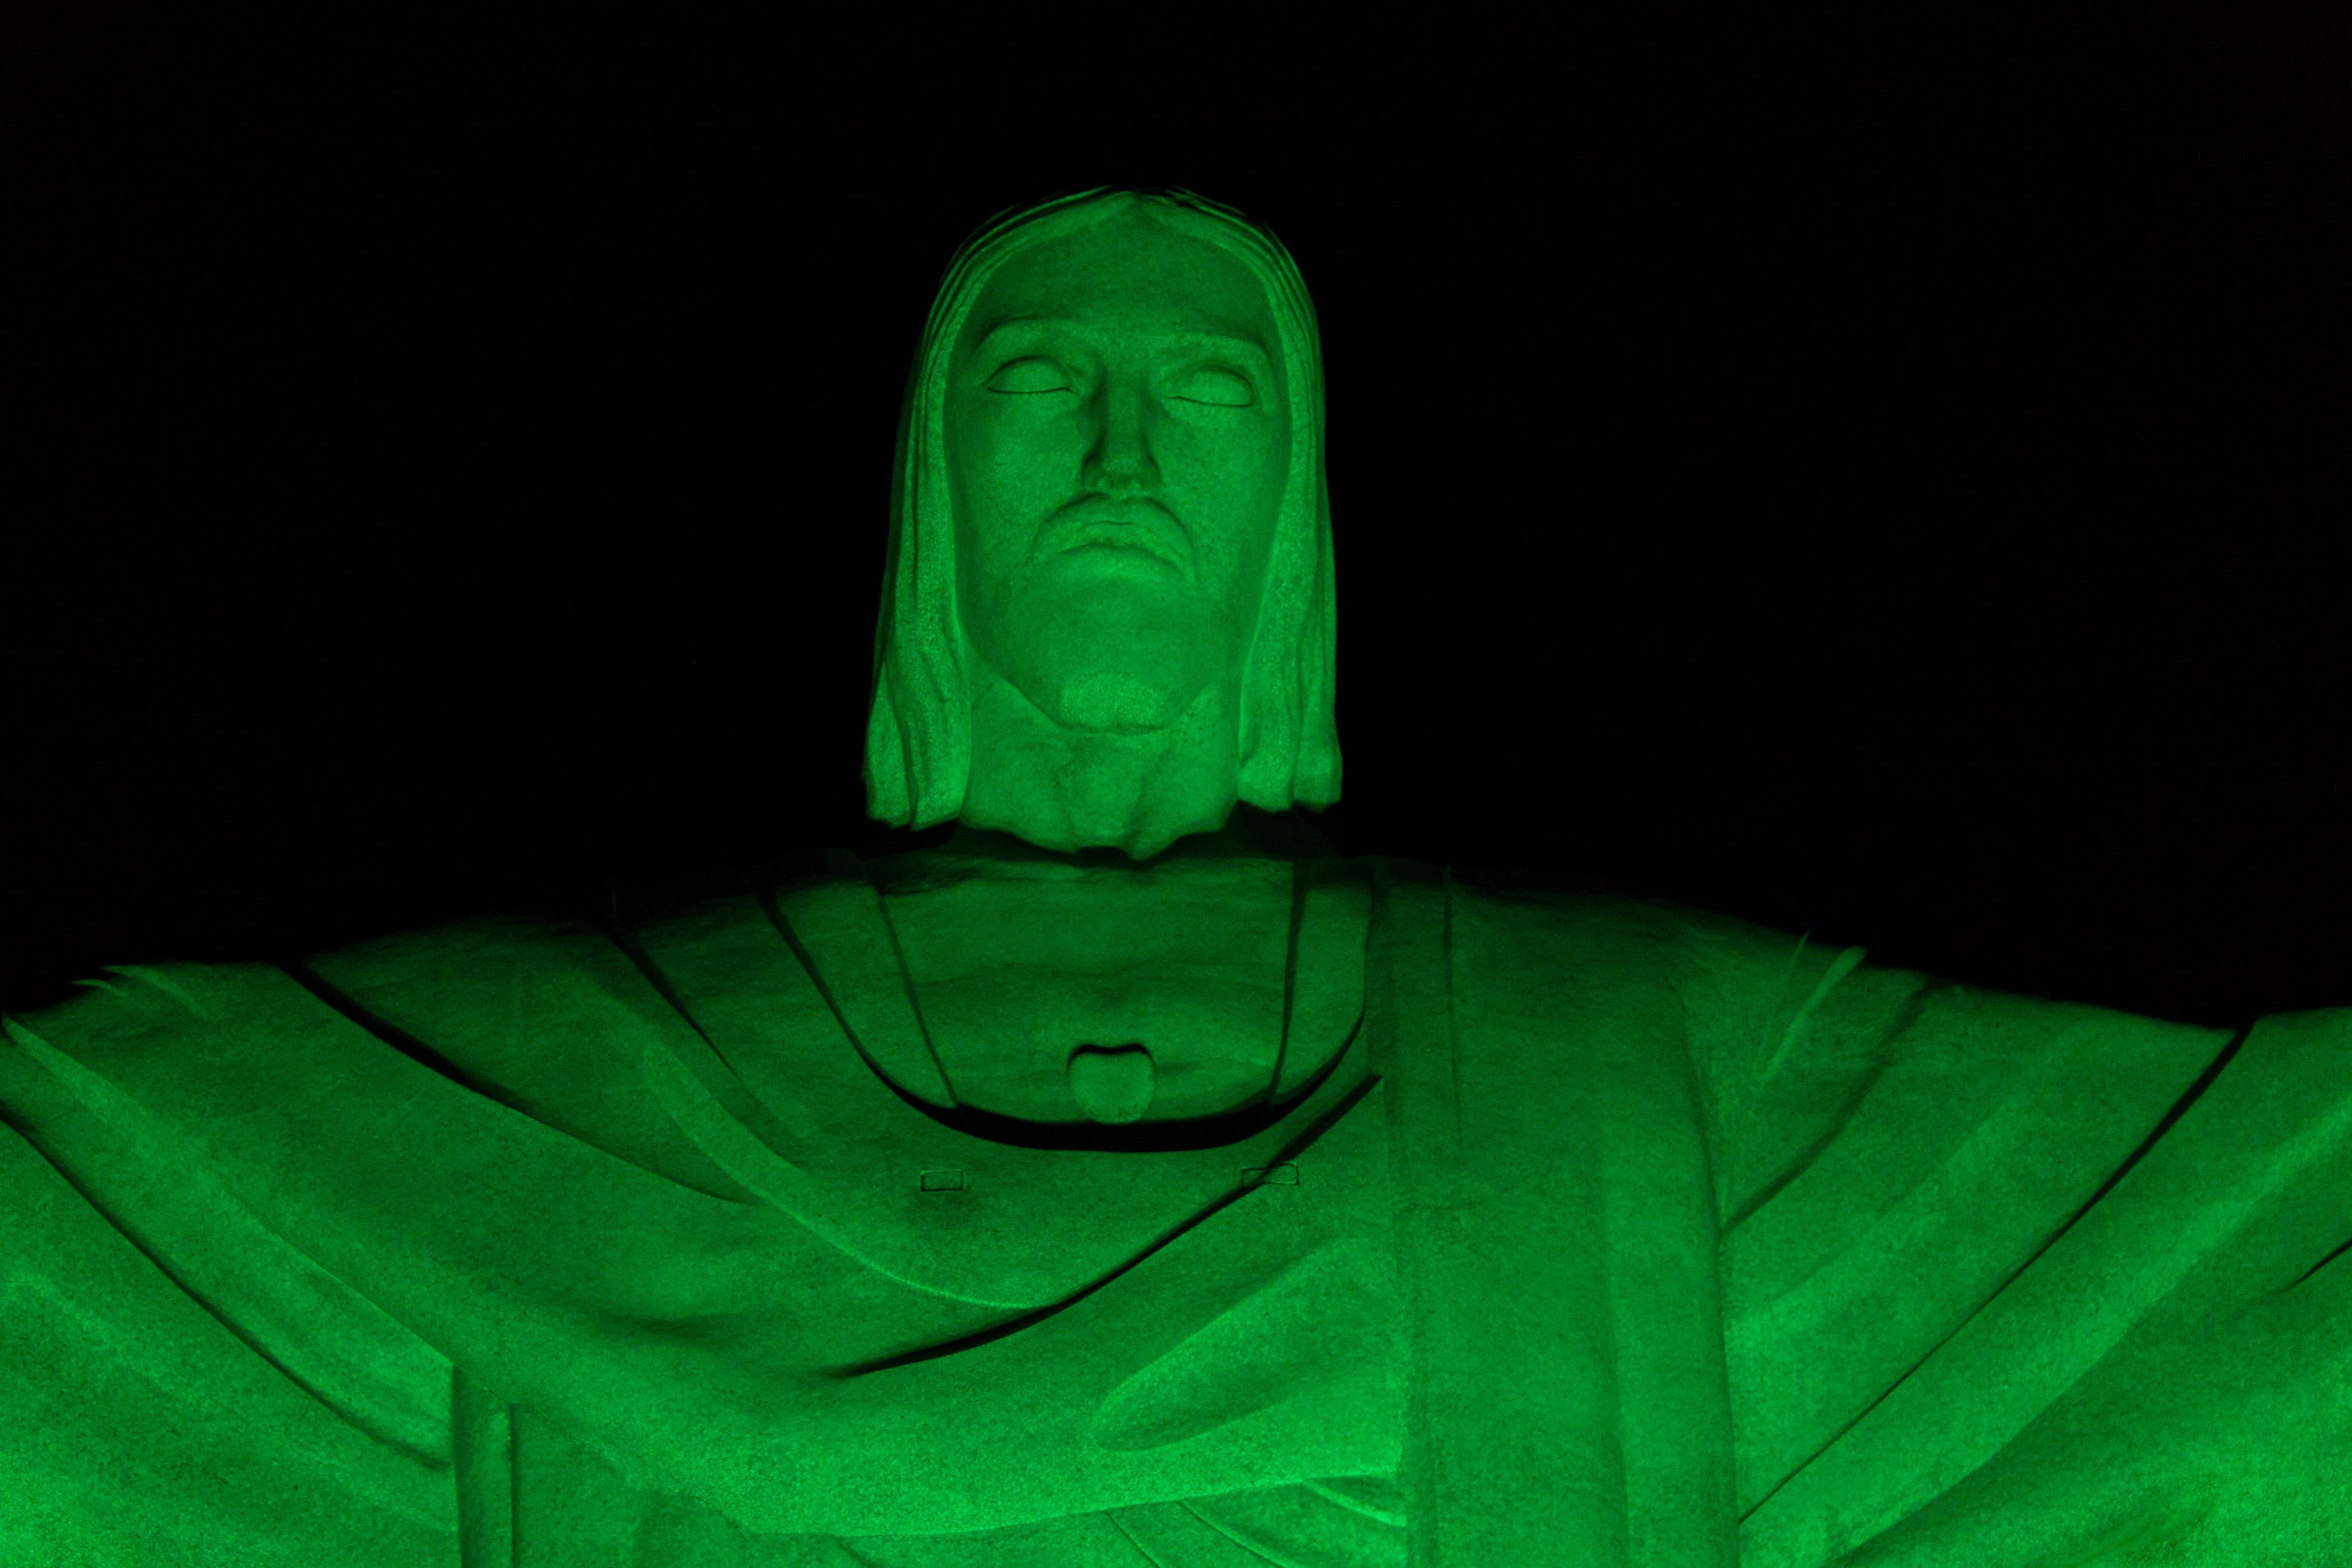 Rio de Janeiro Die Christus-Statue in Rio de Janeiro leuchtete bereits am Donnerstag grün auf.